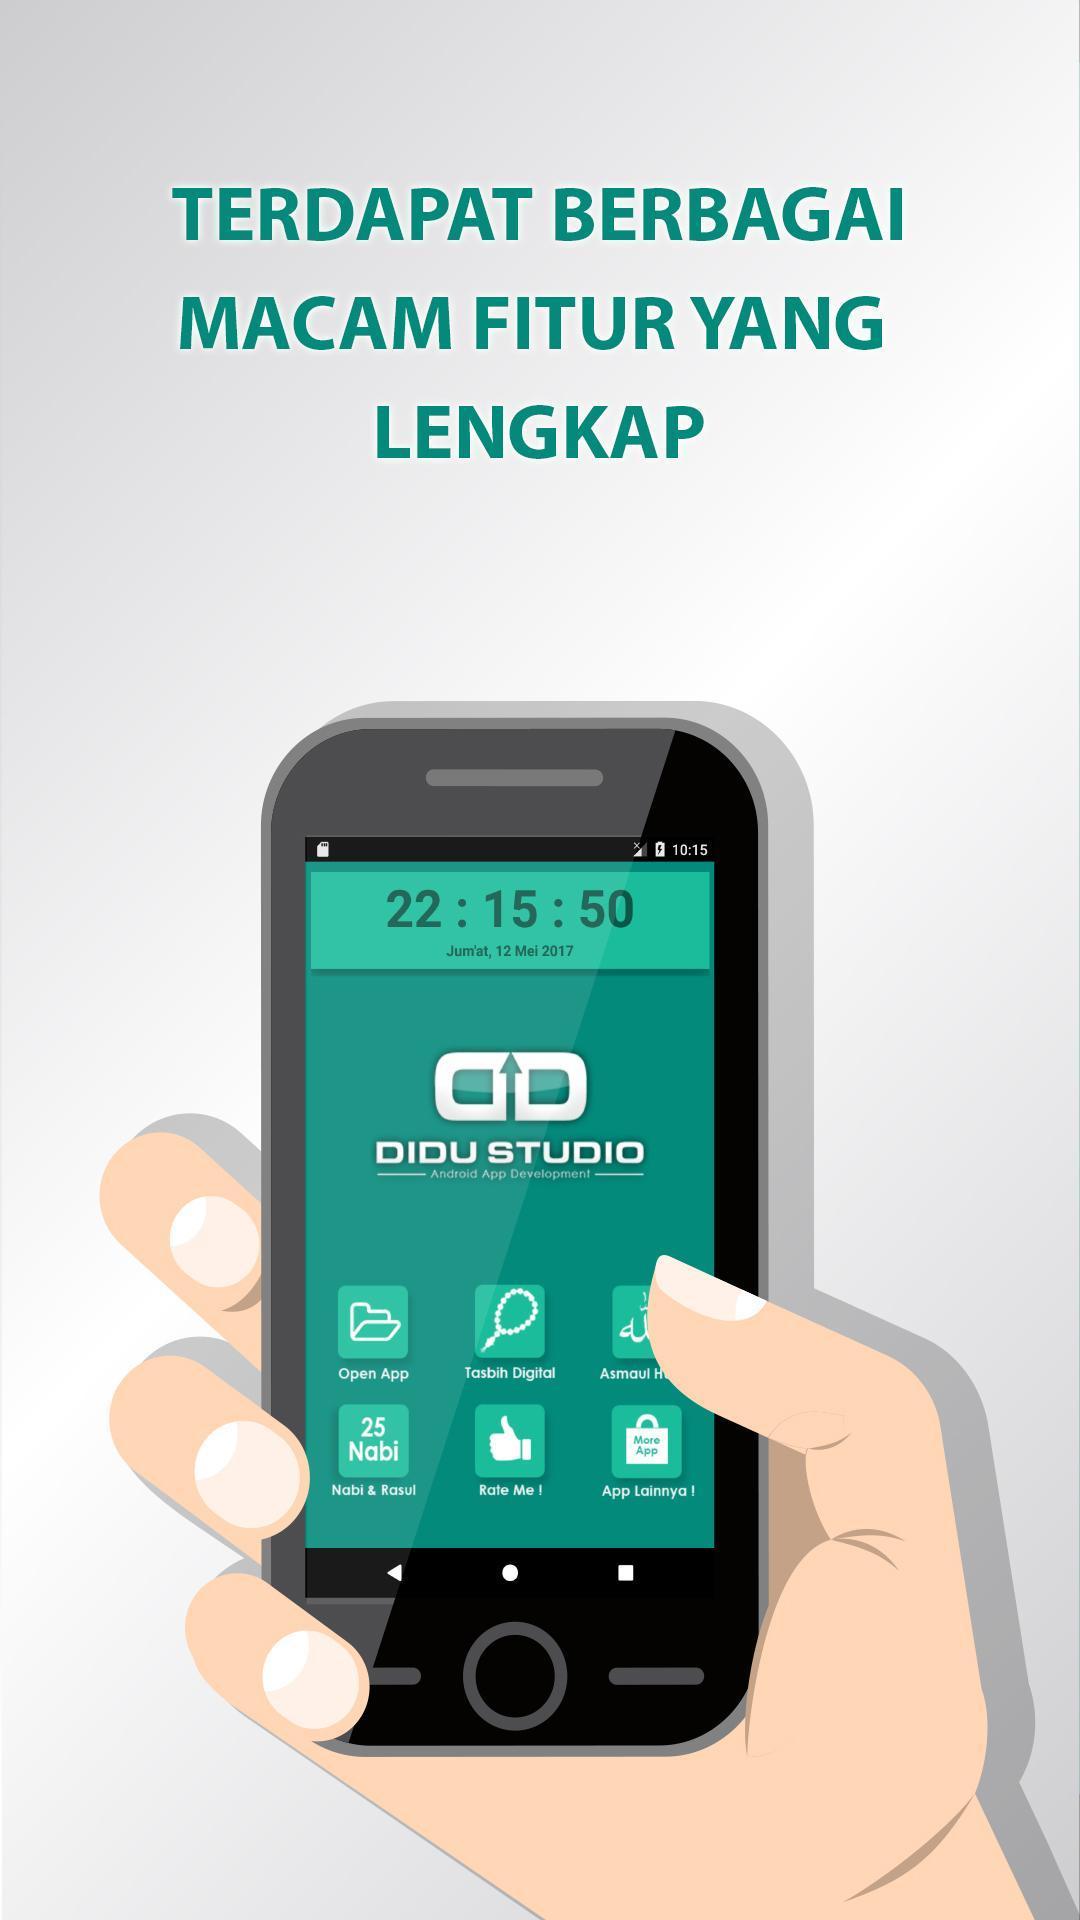 Ceramah Ustazah Aah Geulis for Android APK Download